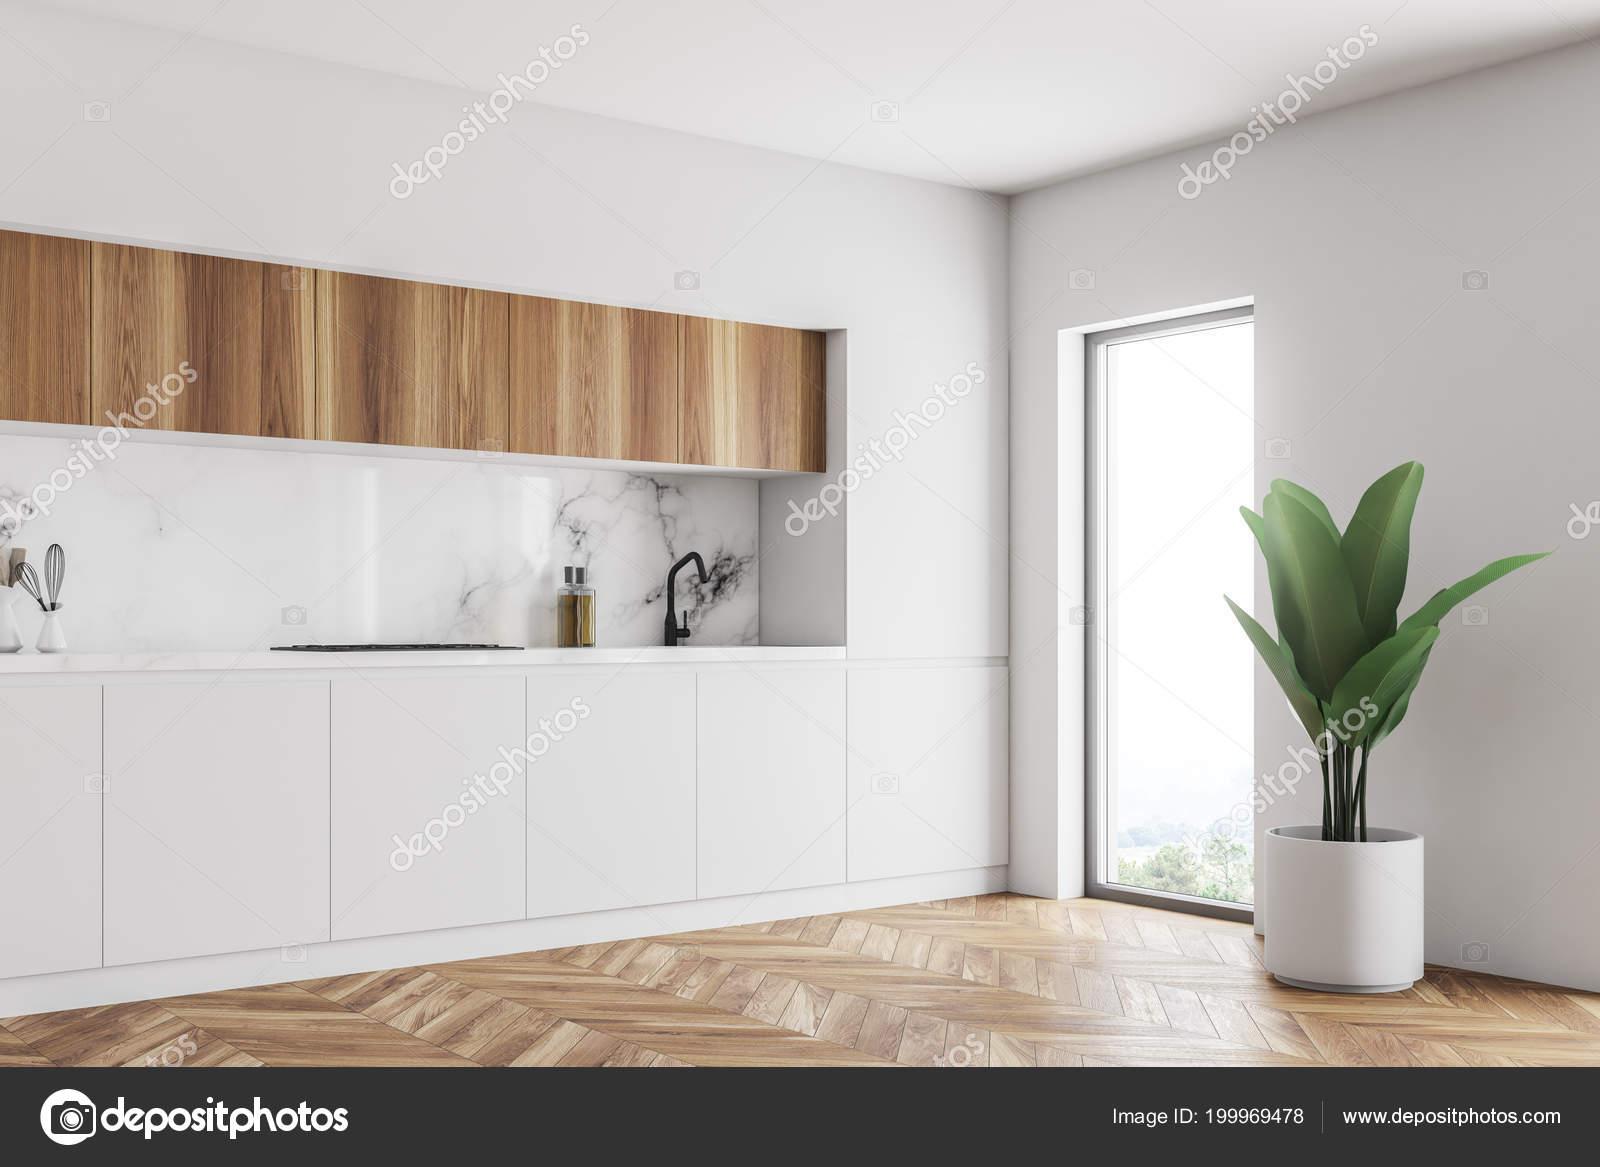 Piani cucina legno bianco tavolo marmo bianco primo piano una foto stock denisismagilov - Piani cucina in legno ...